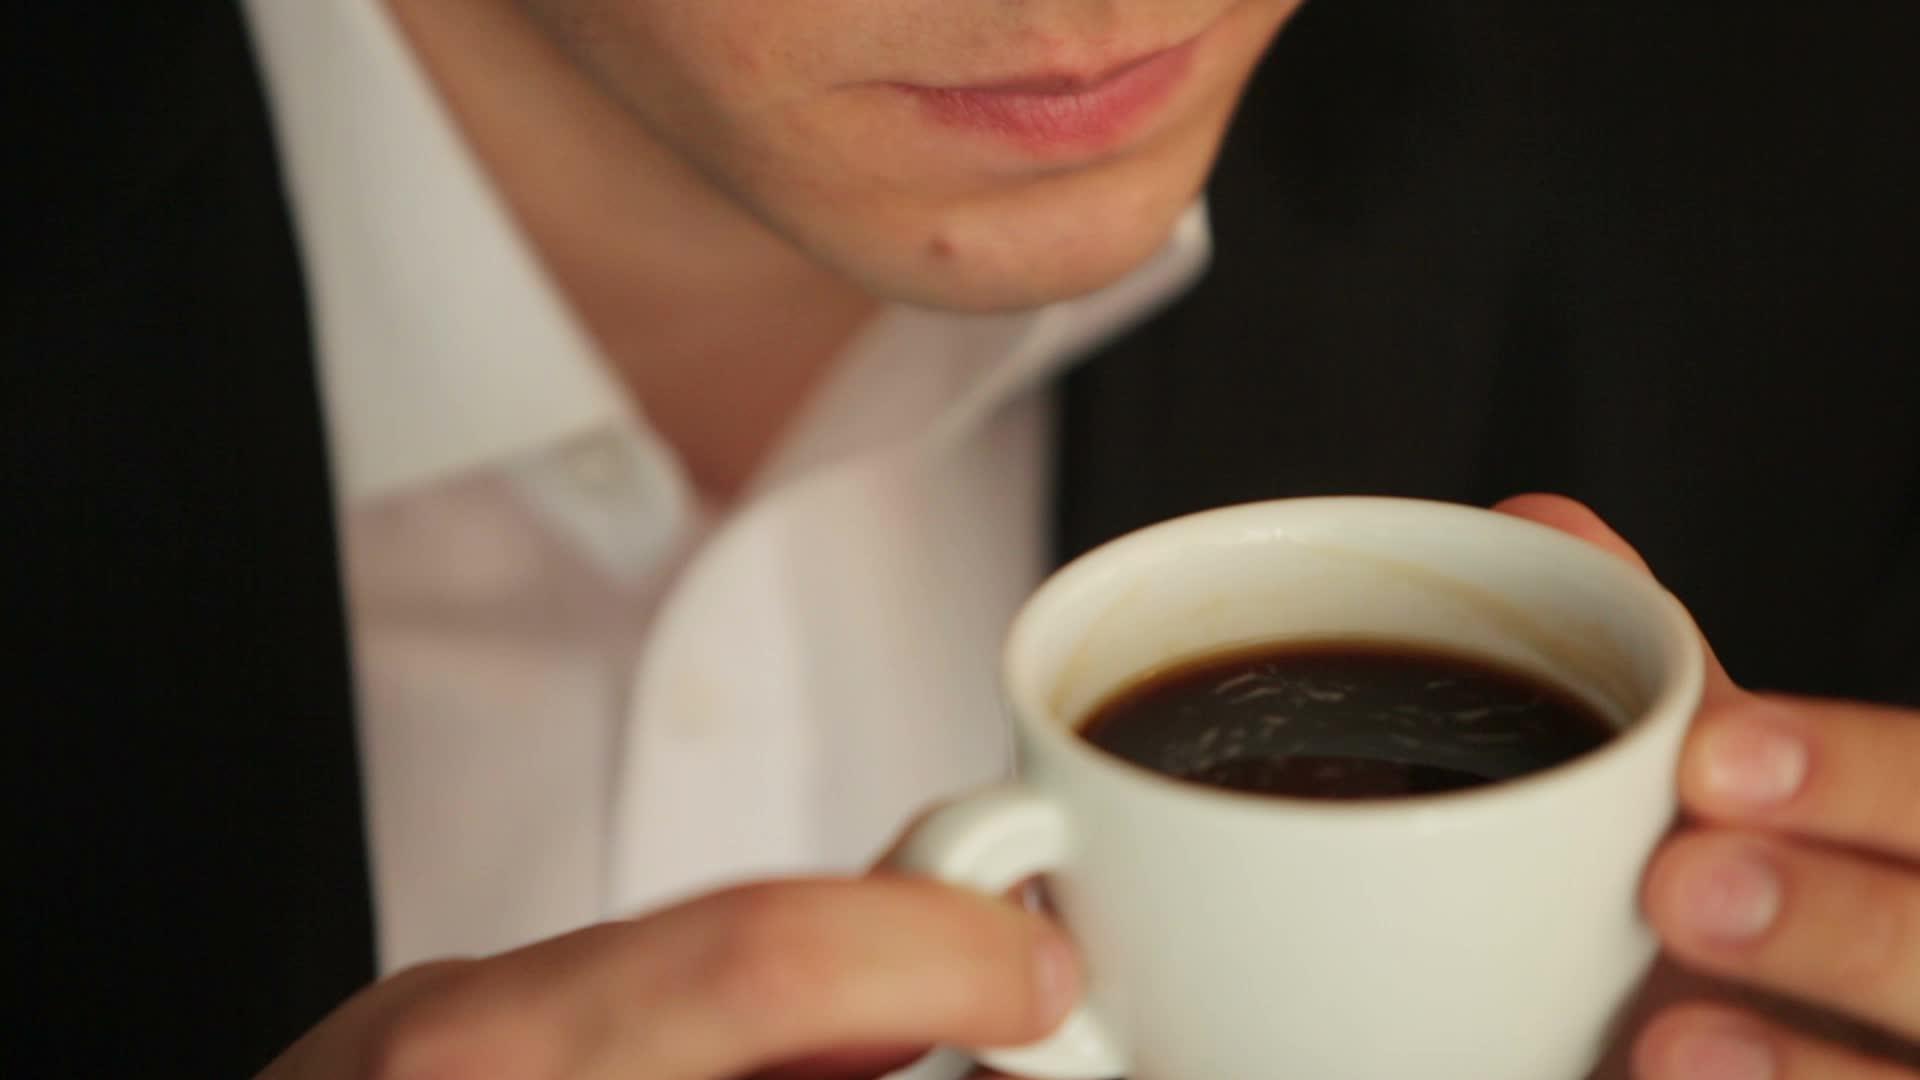 Atención hombres: El café reduce el riesgo de impotencia